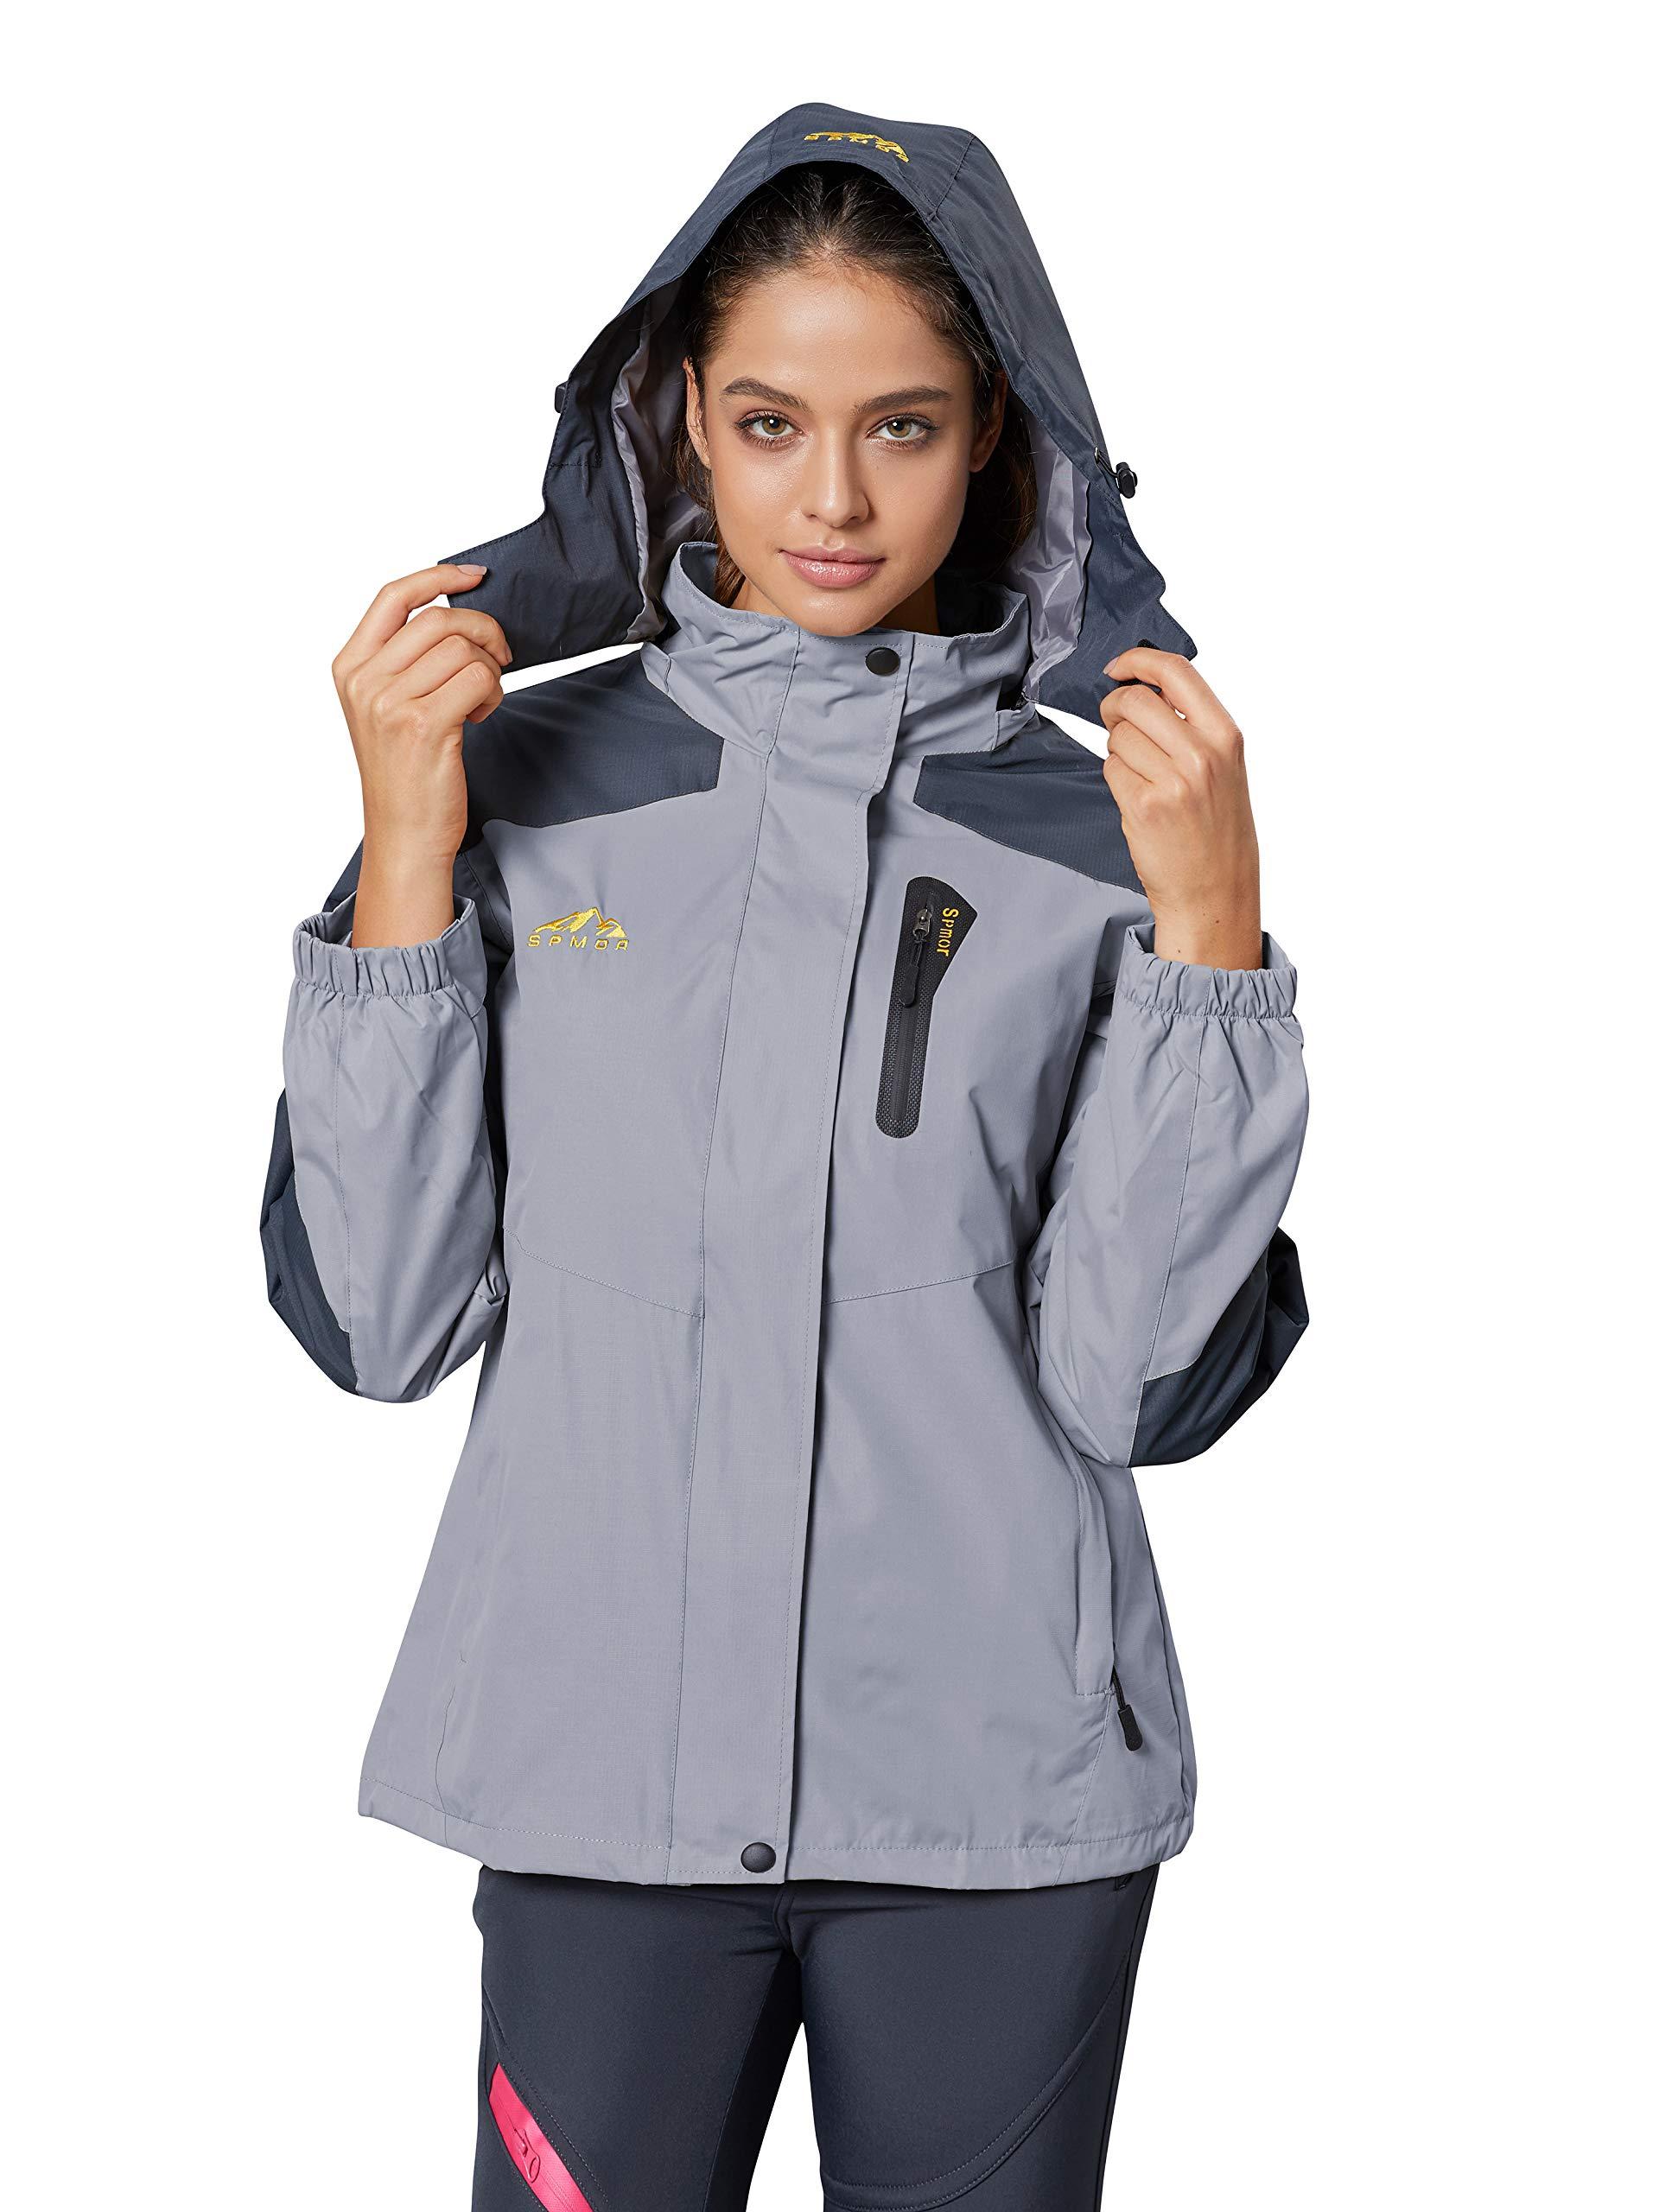 Spmor Women's Waterproof Jacket Rain Coat Windproof Breathable Hooded Windbreaker Jacket Grey X-Large by Spmor